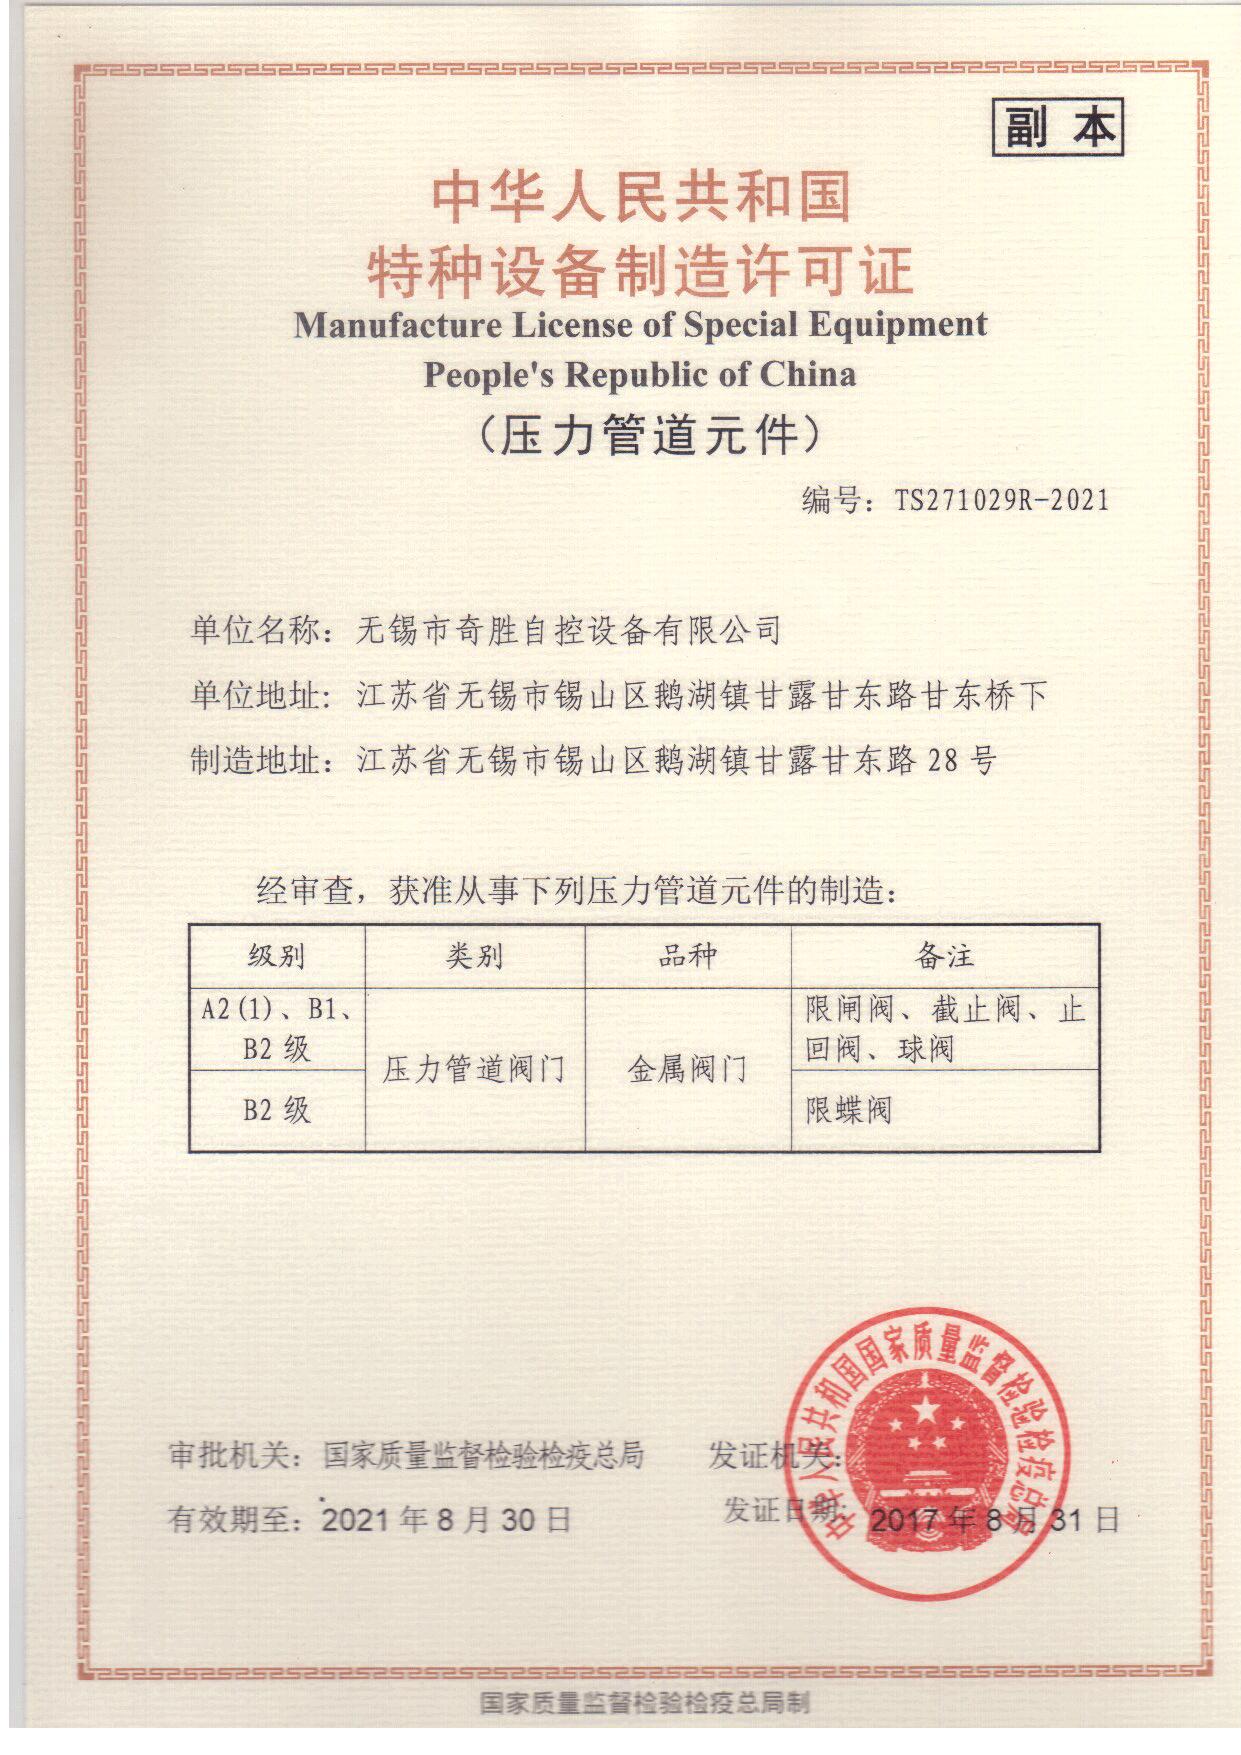 壓力管道元件制造許可證